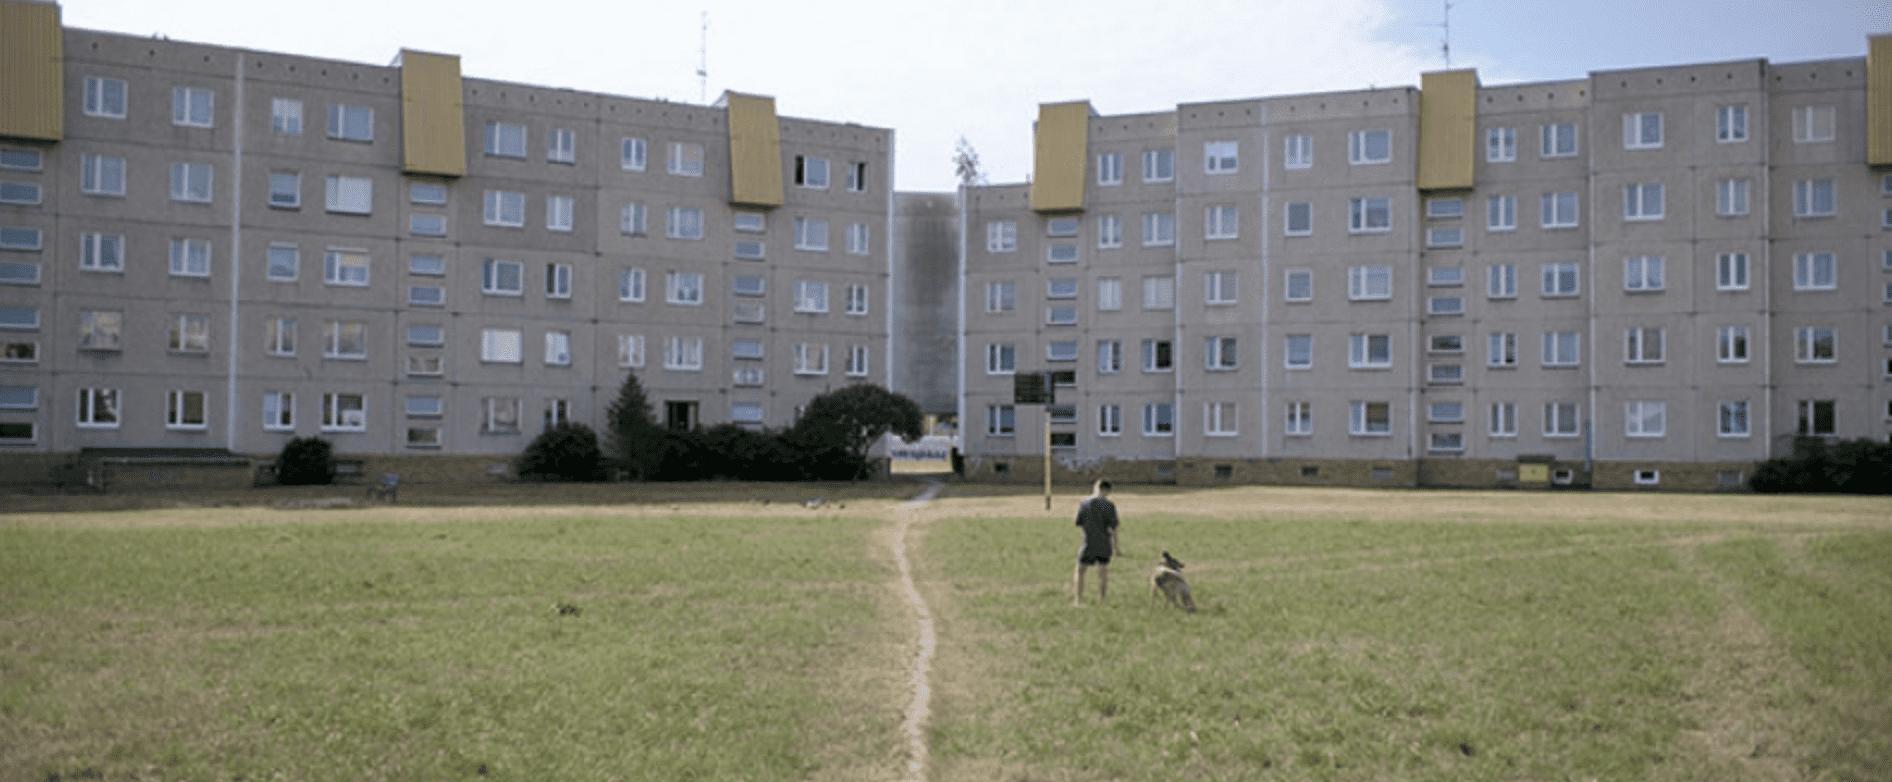 """""""Plac zabaw"""" w reżyserii Bartosza M. Kowalskiego"""